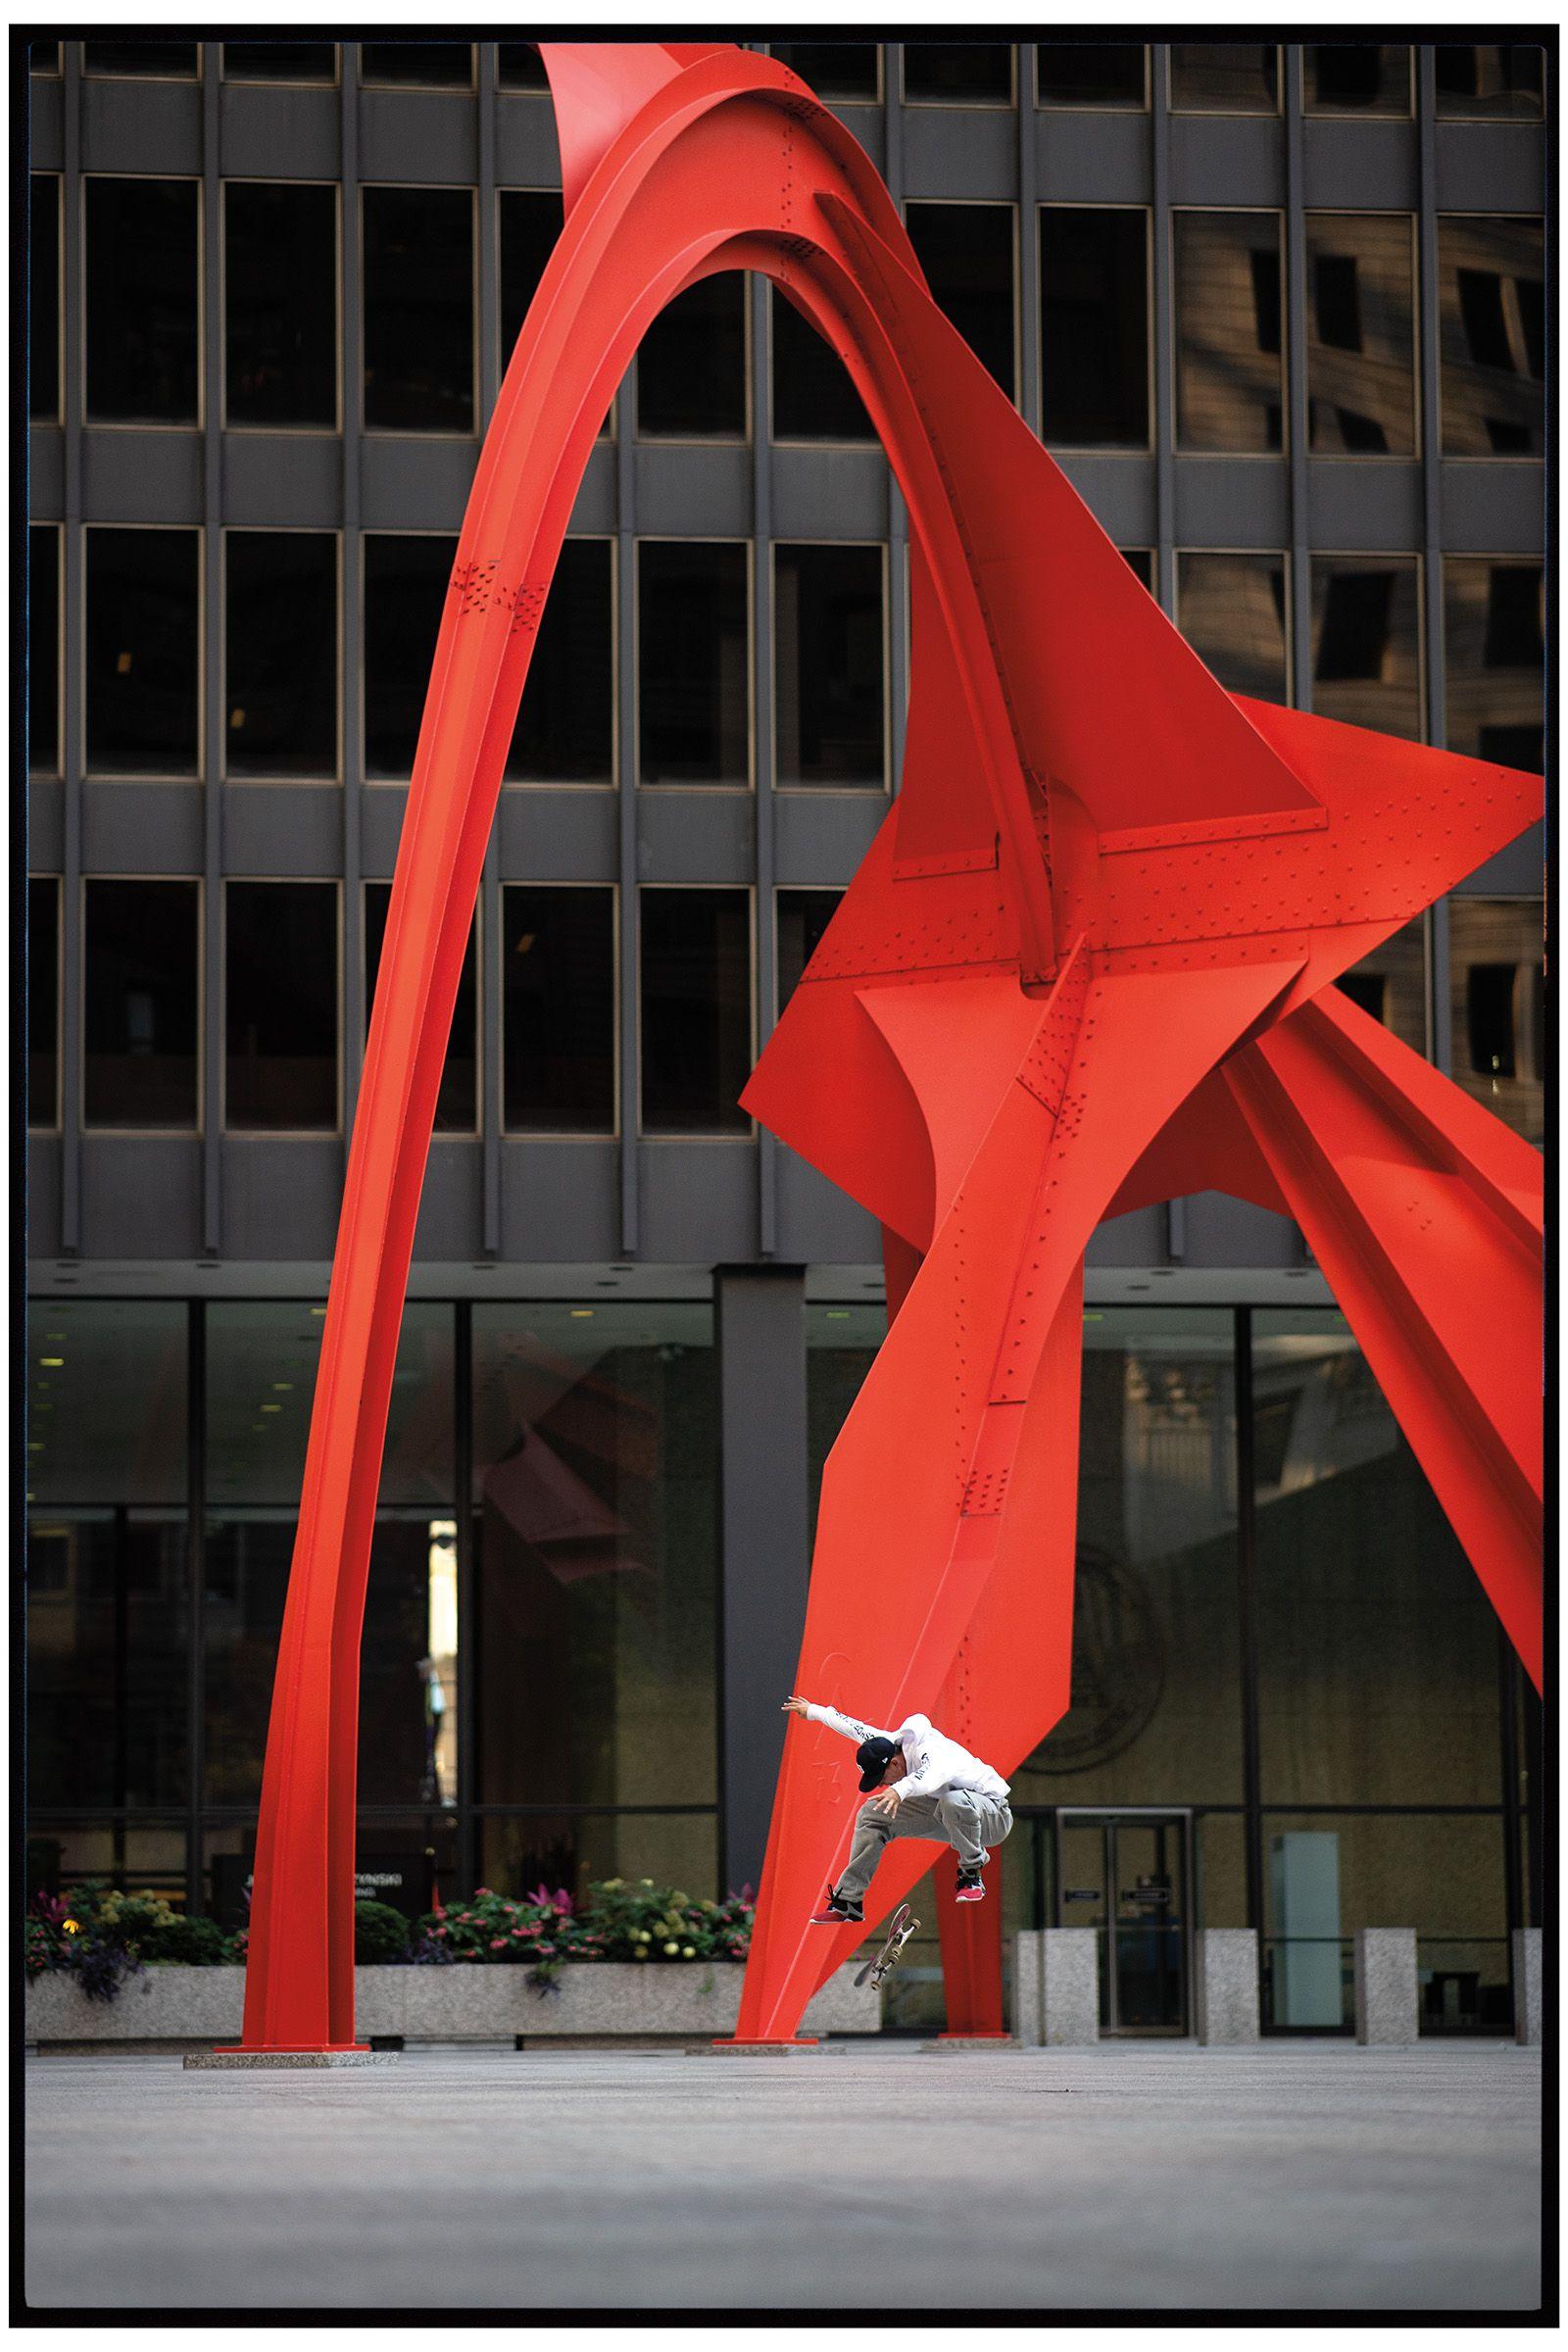 1_2018_Kalis_Treflip_Chicago_blabacphoto_DSC_7537.jpg